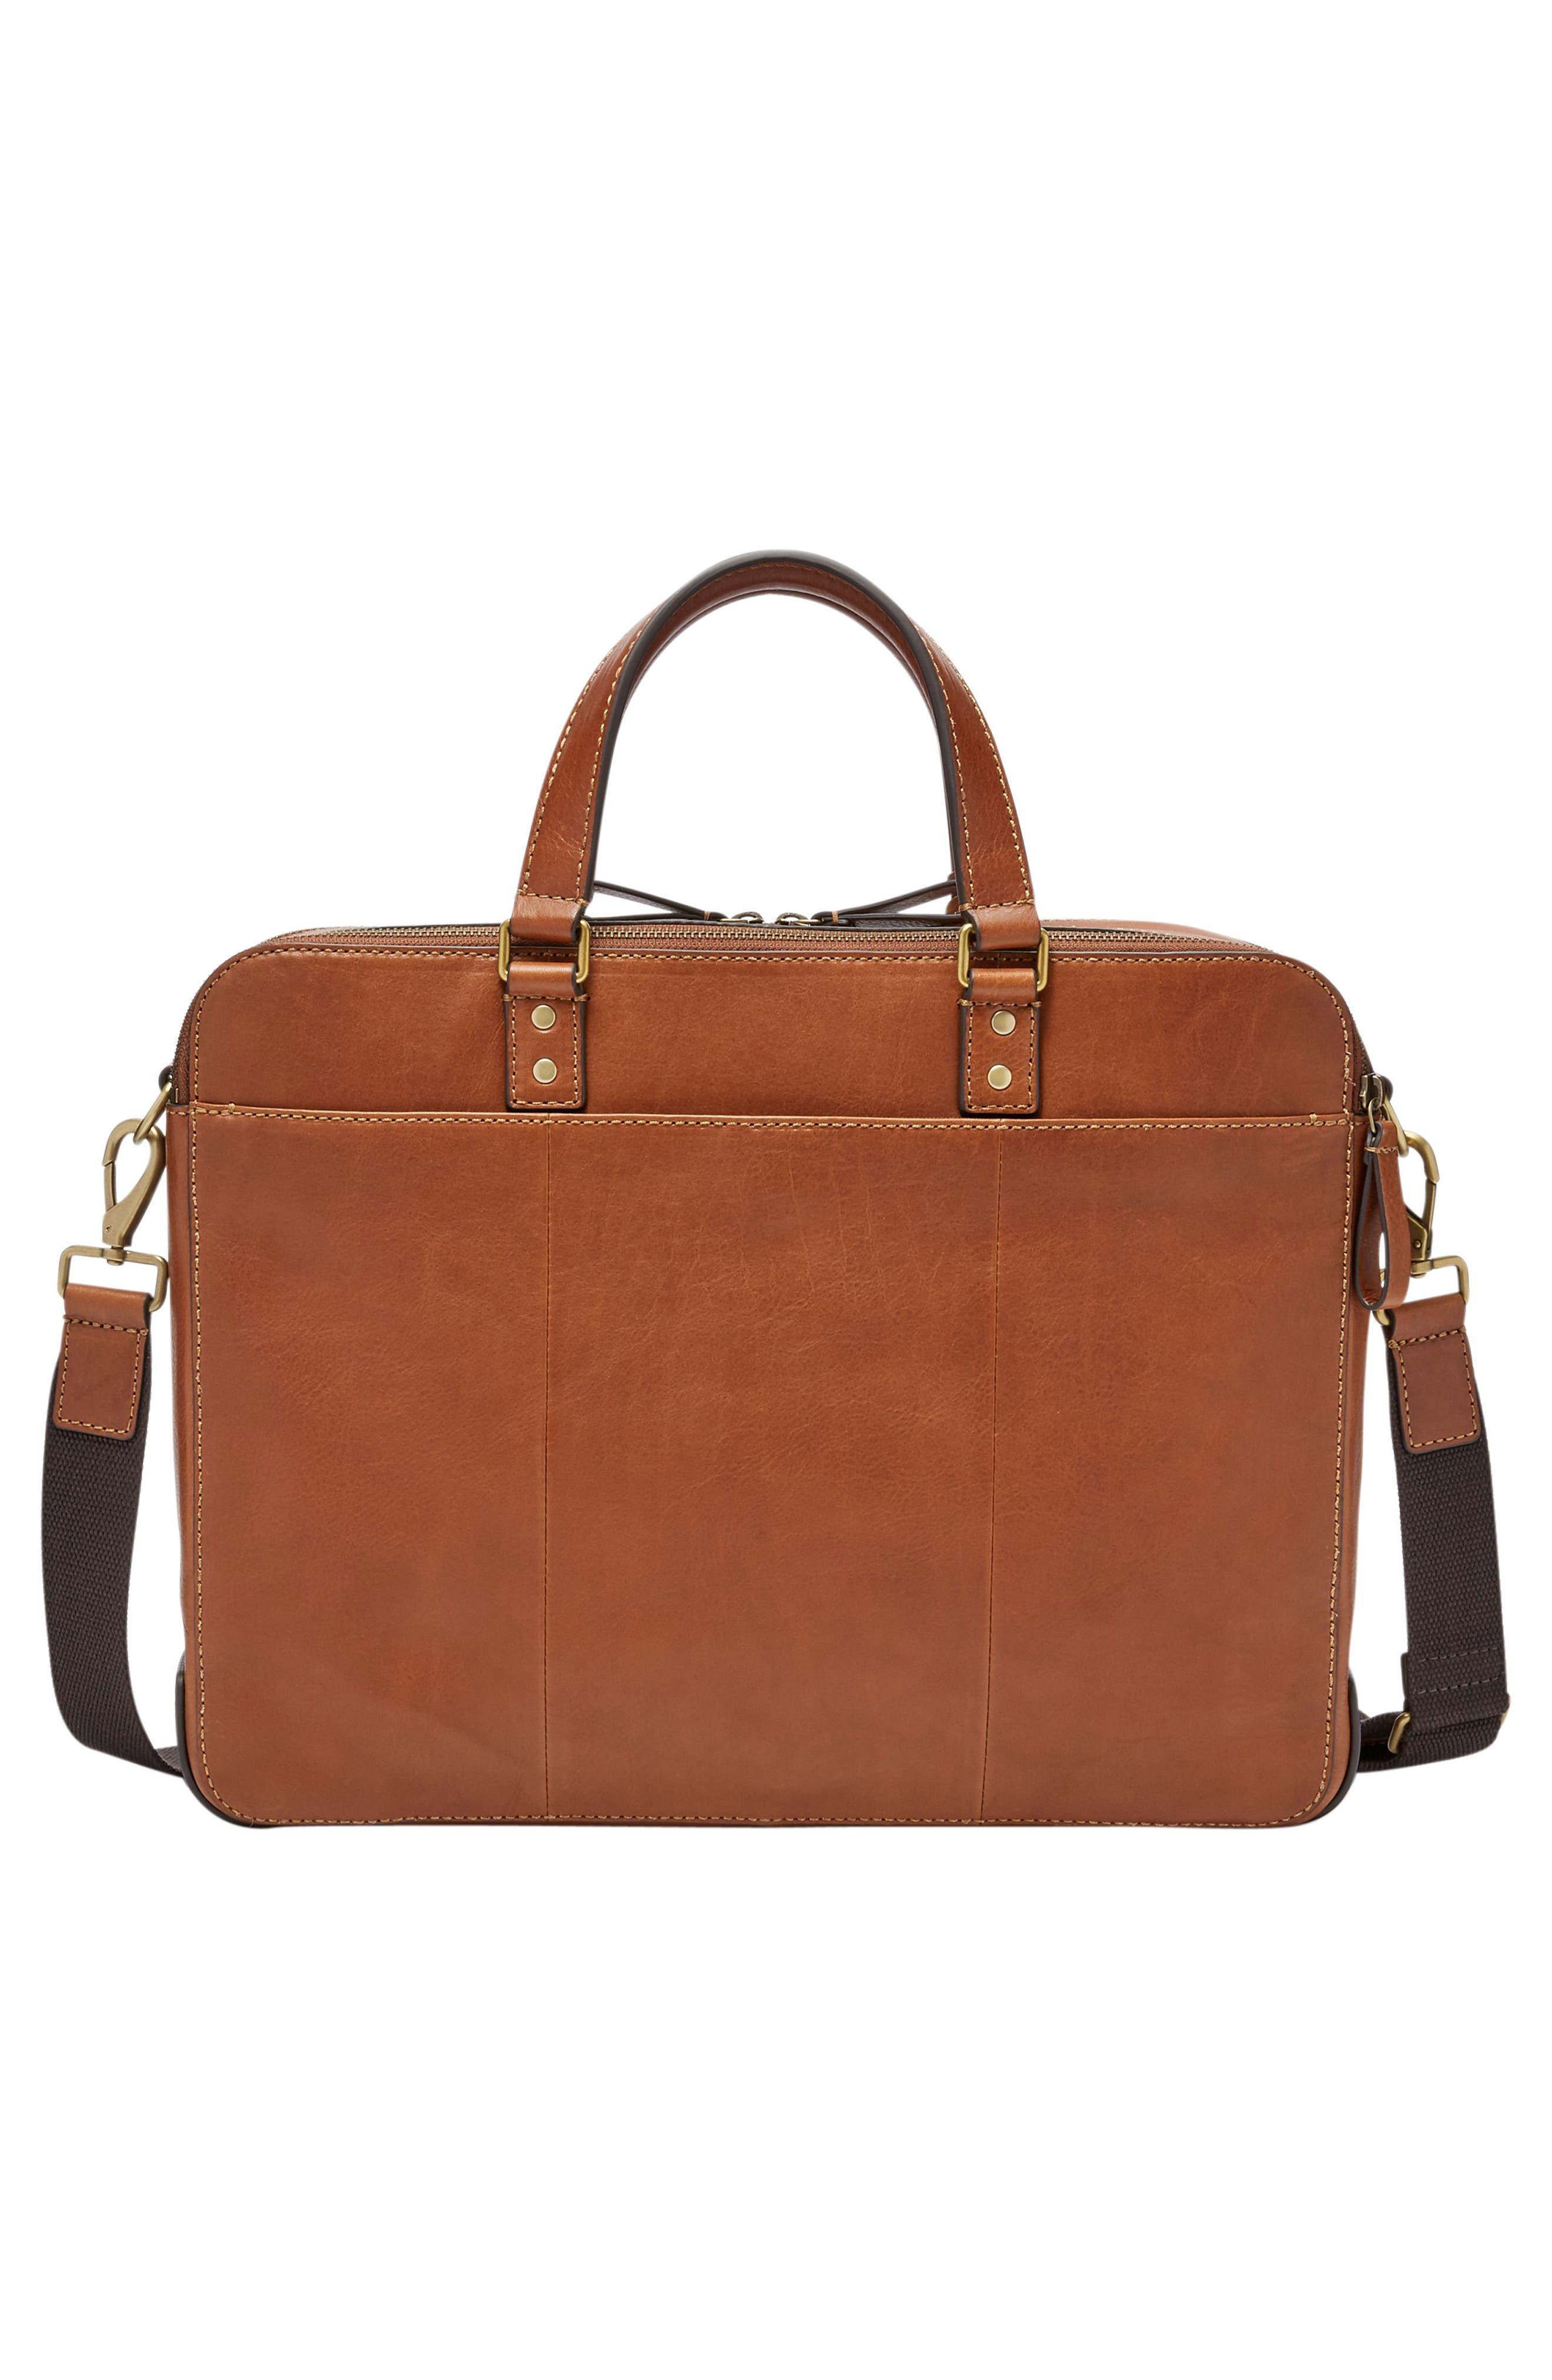 Defender Leather Briefcase,                             Alternate thumbnail 2, color,                             COGNAC